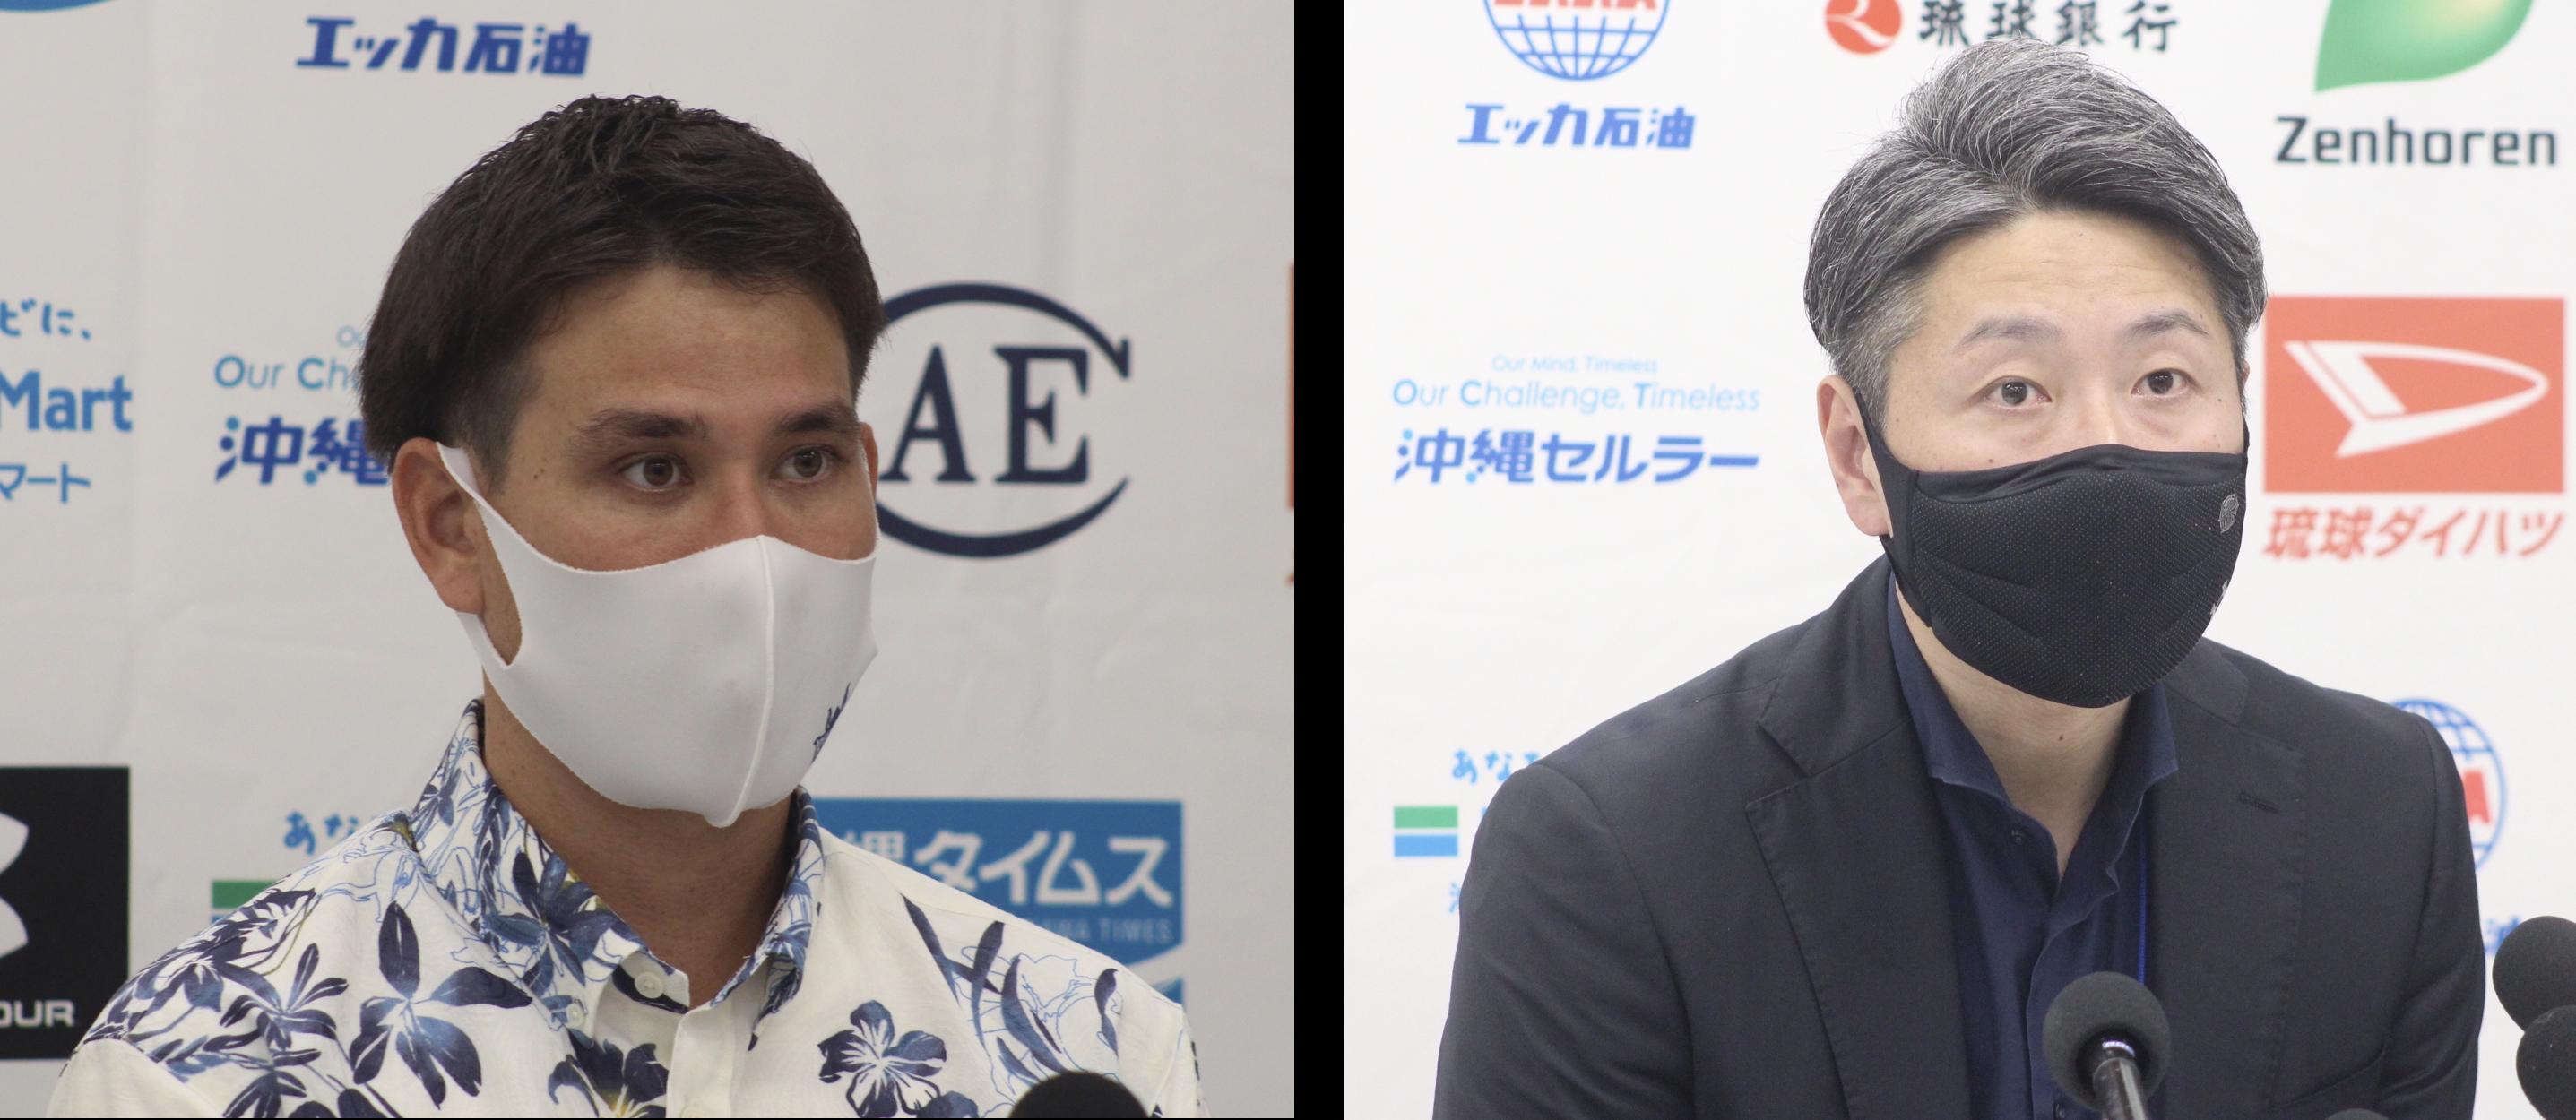 キングス藤田HC、千葉ジェッツ大野HC セミファイナル第2戦 試合後コメント全文